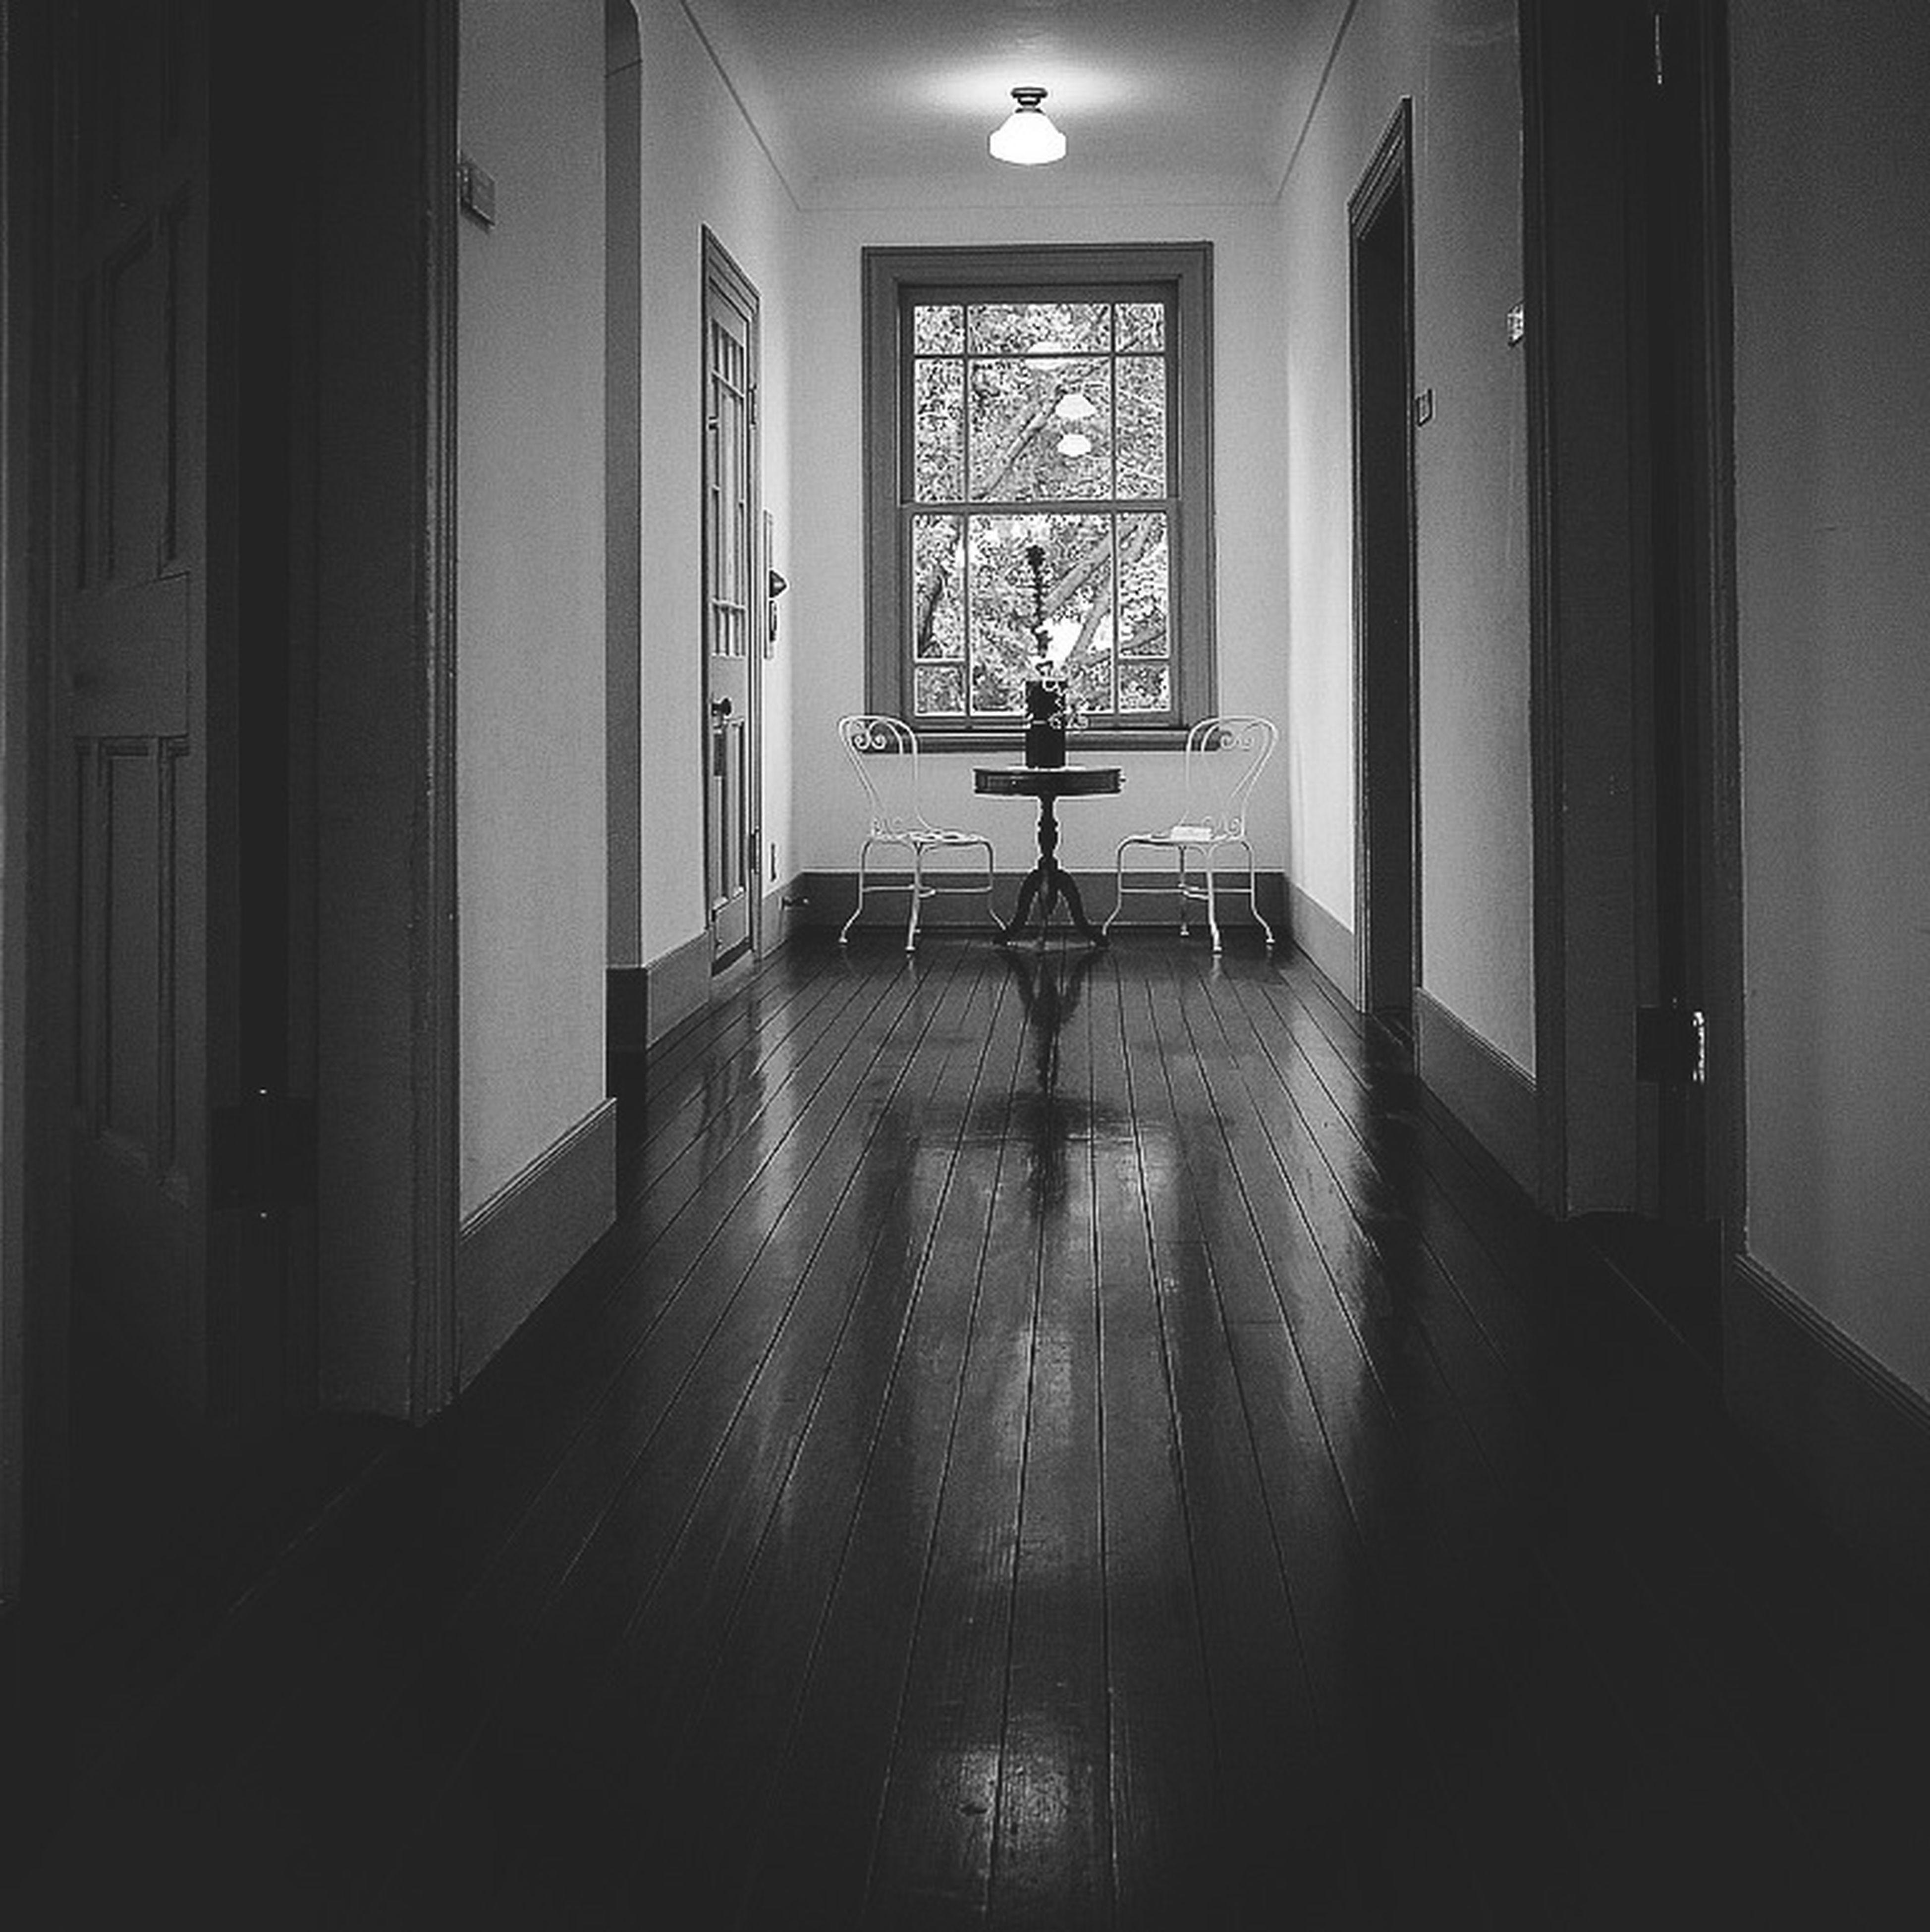 indoors, corridor, window, flooring, architecture, home interior, door, built structure, empty, absence, ceiling, interior, the way forward, domestic room, house, doorway, no people, tiled floor, room, sunlight